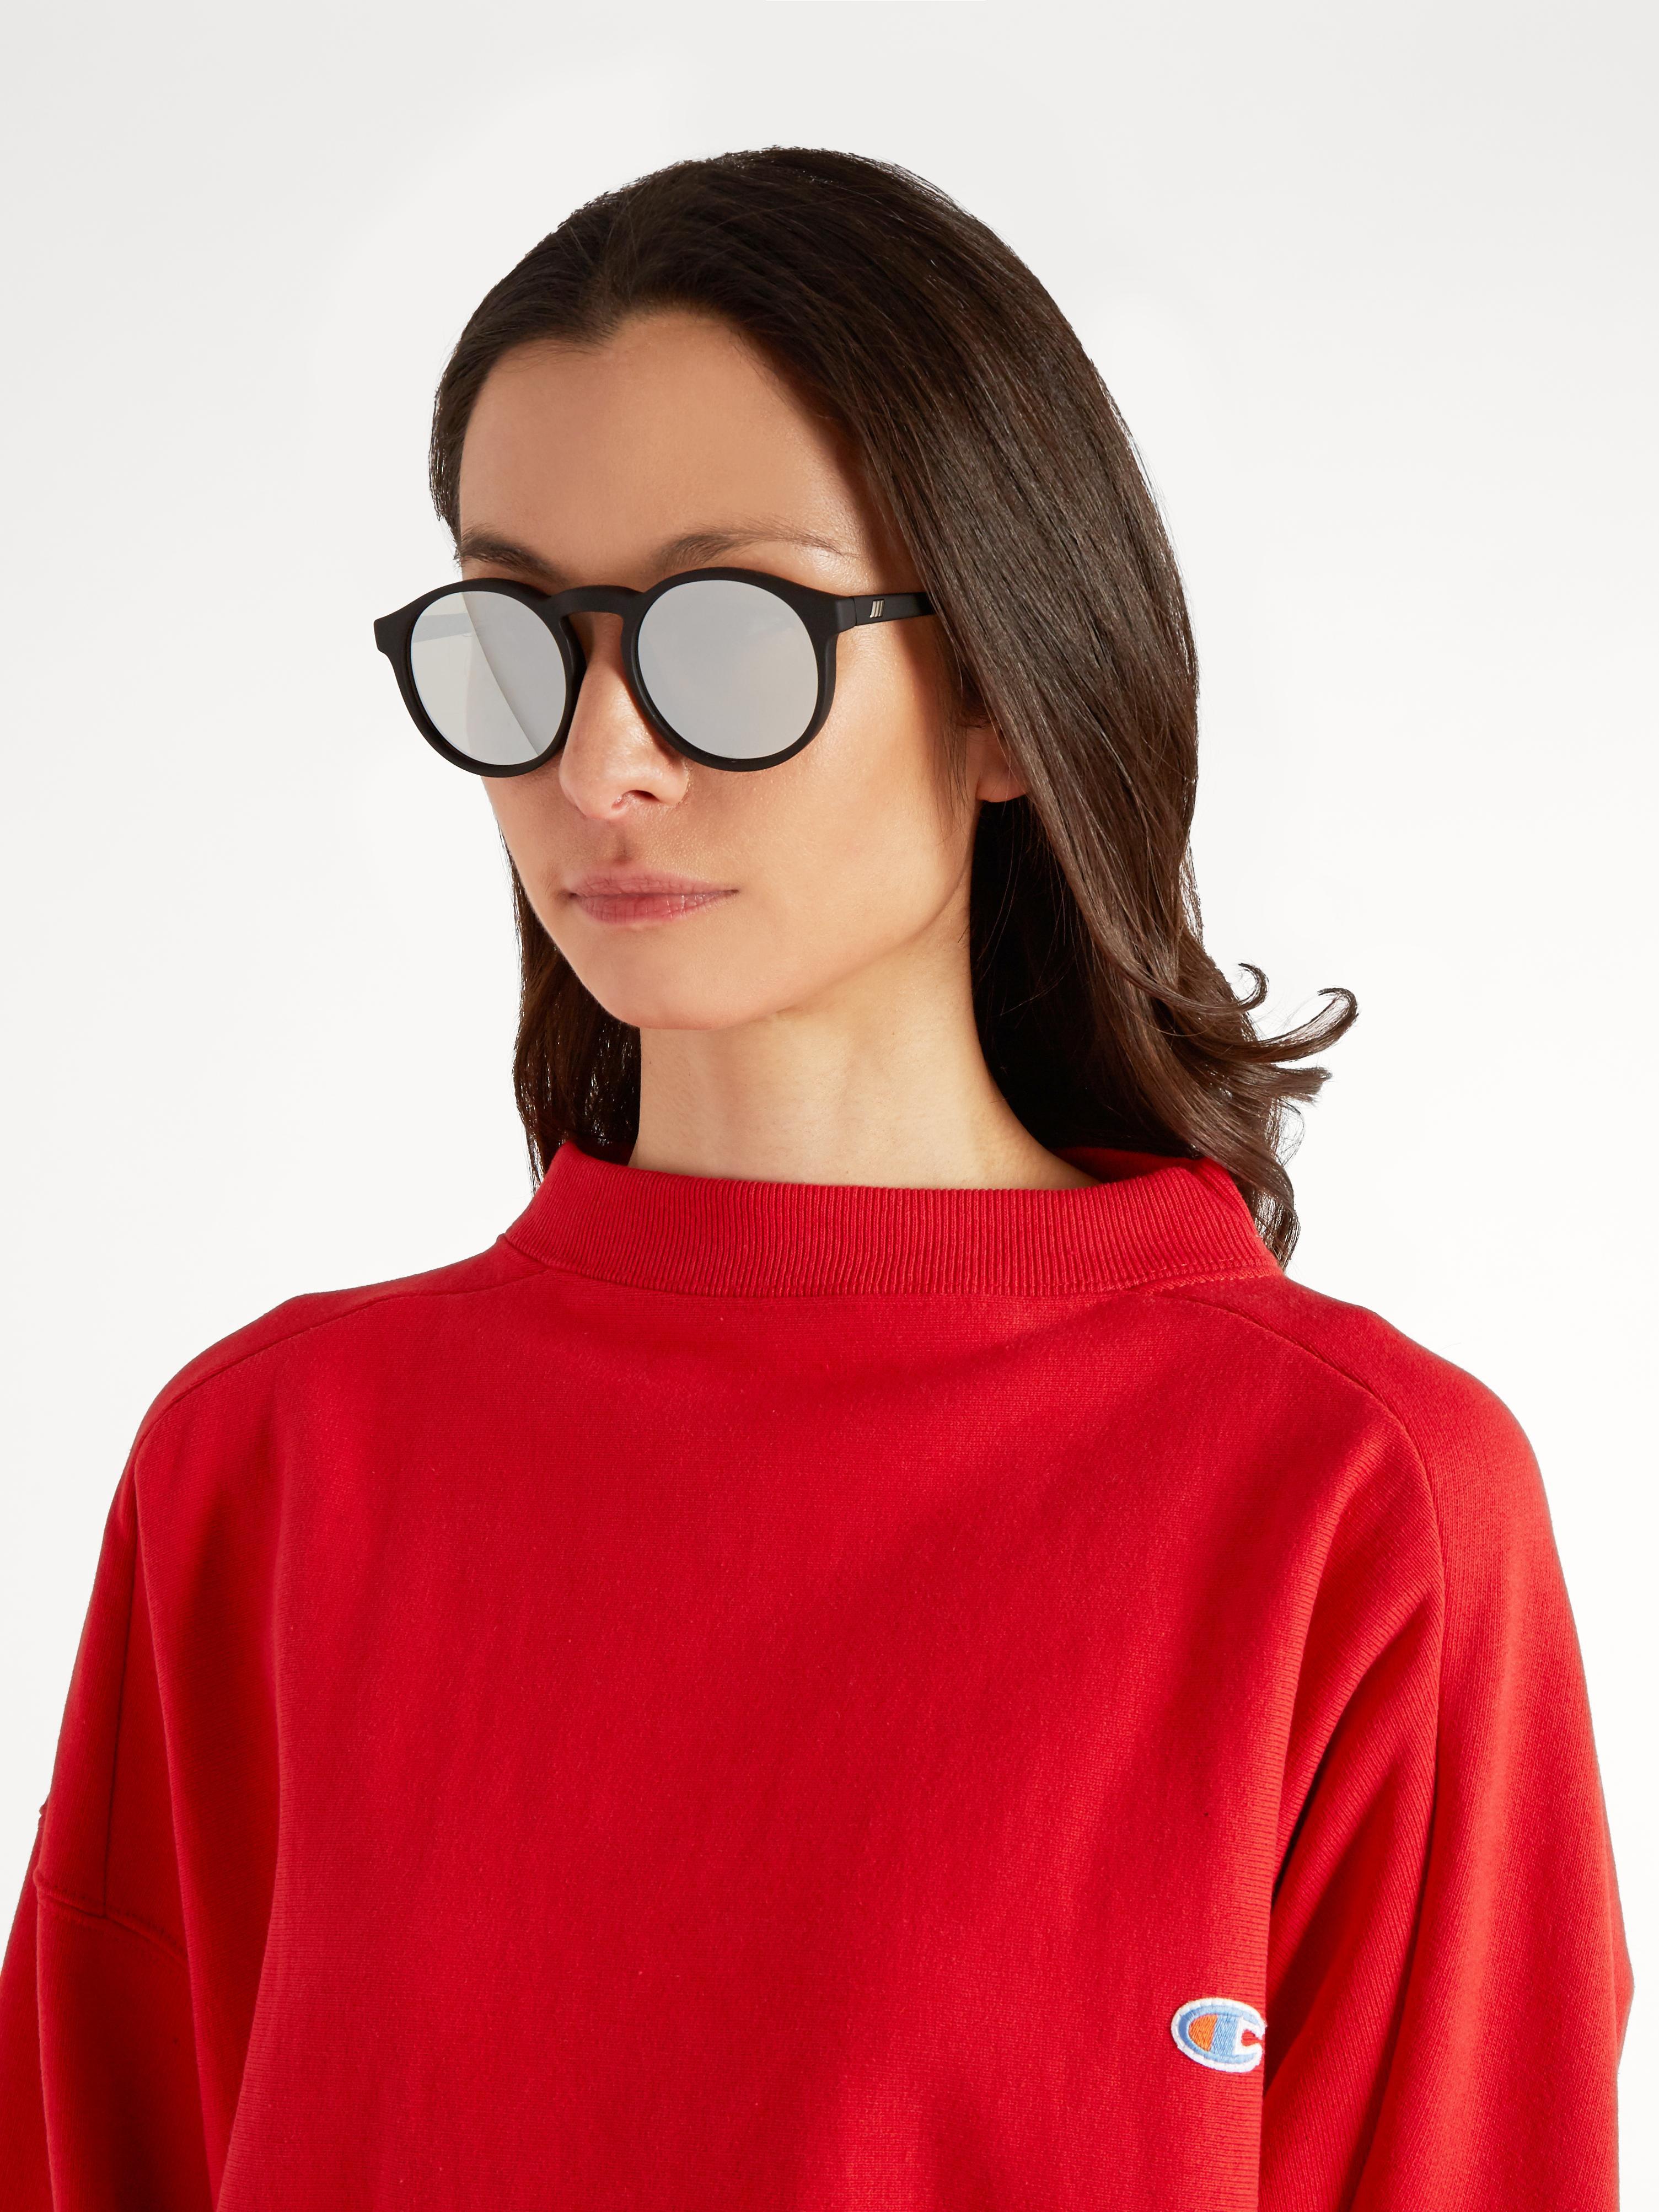 c499e7dda872 Le Specs Cubanos Round-frame Mirrored Sunglasses in Black - Lyst